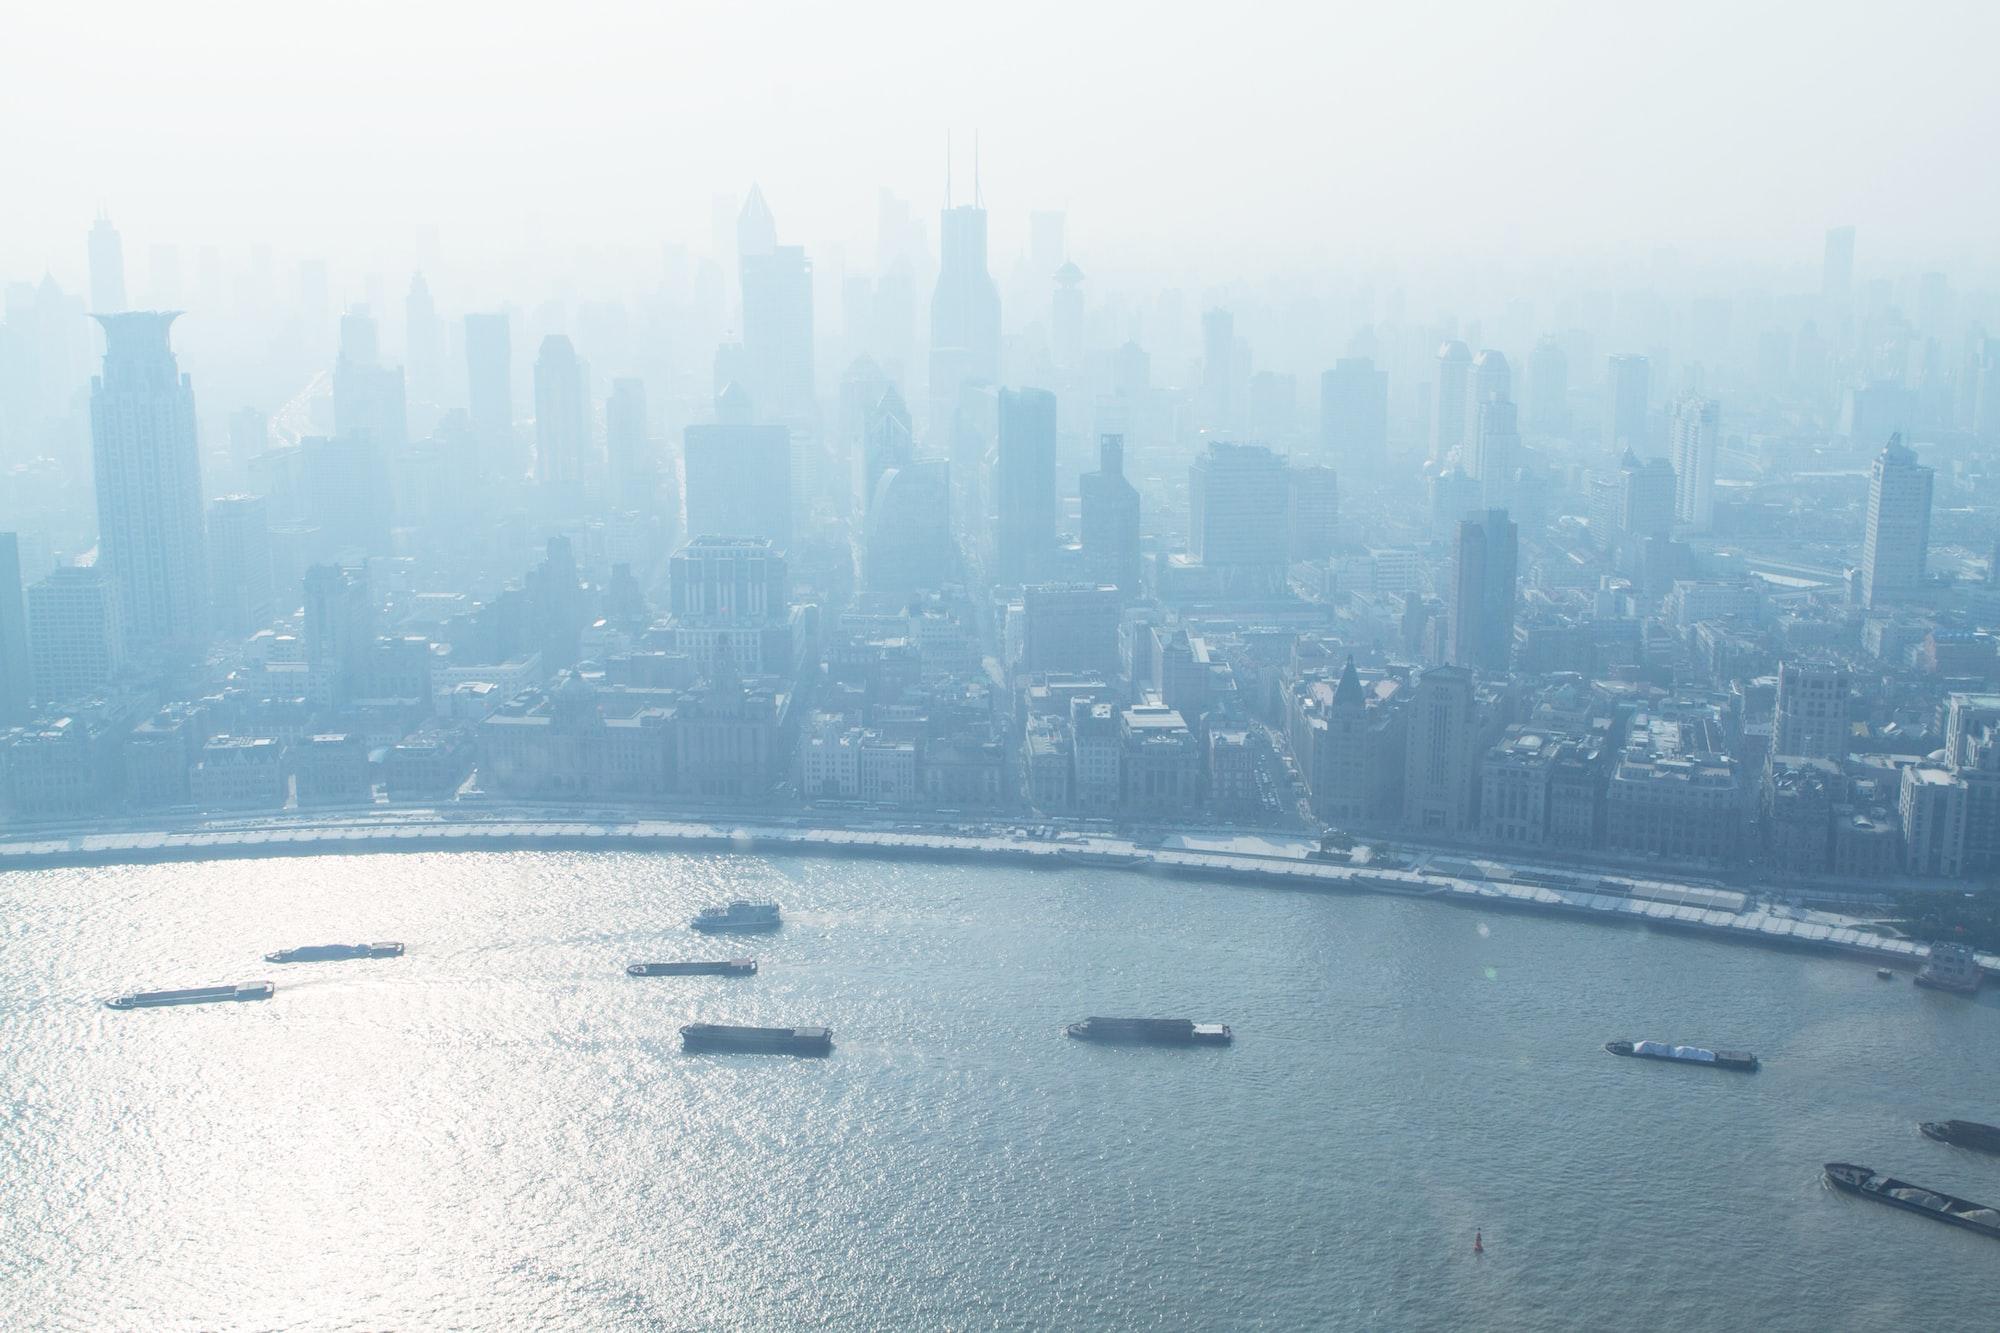 Co víme o změně klimatu: Současné oteplení způsobily skleníkové plyny